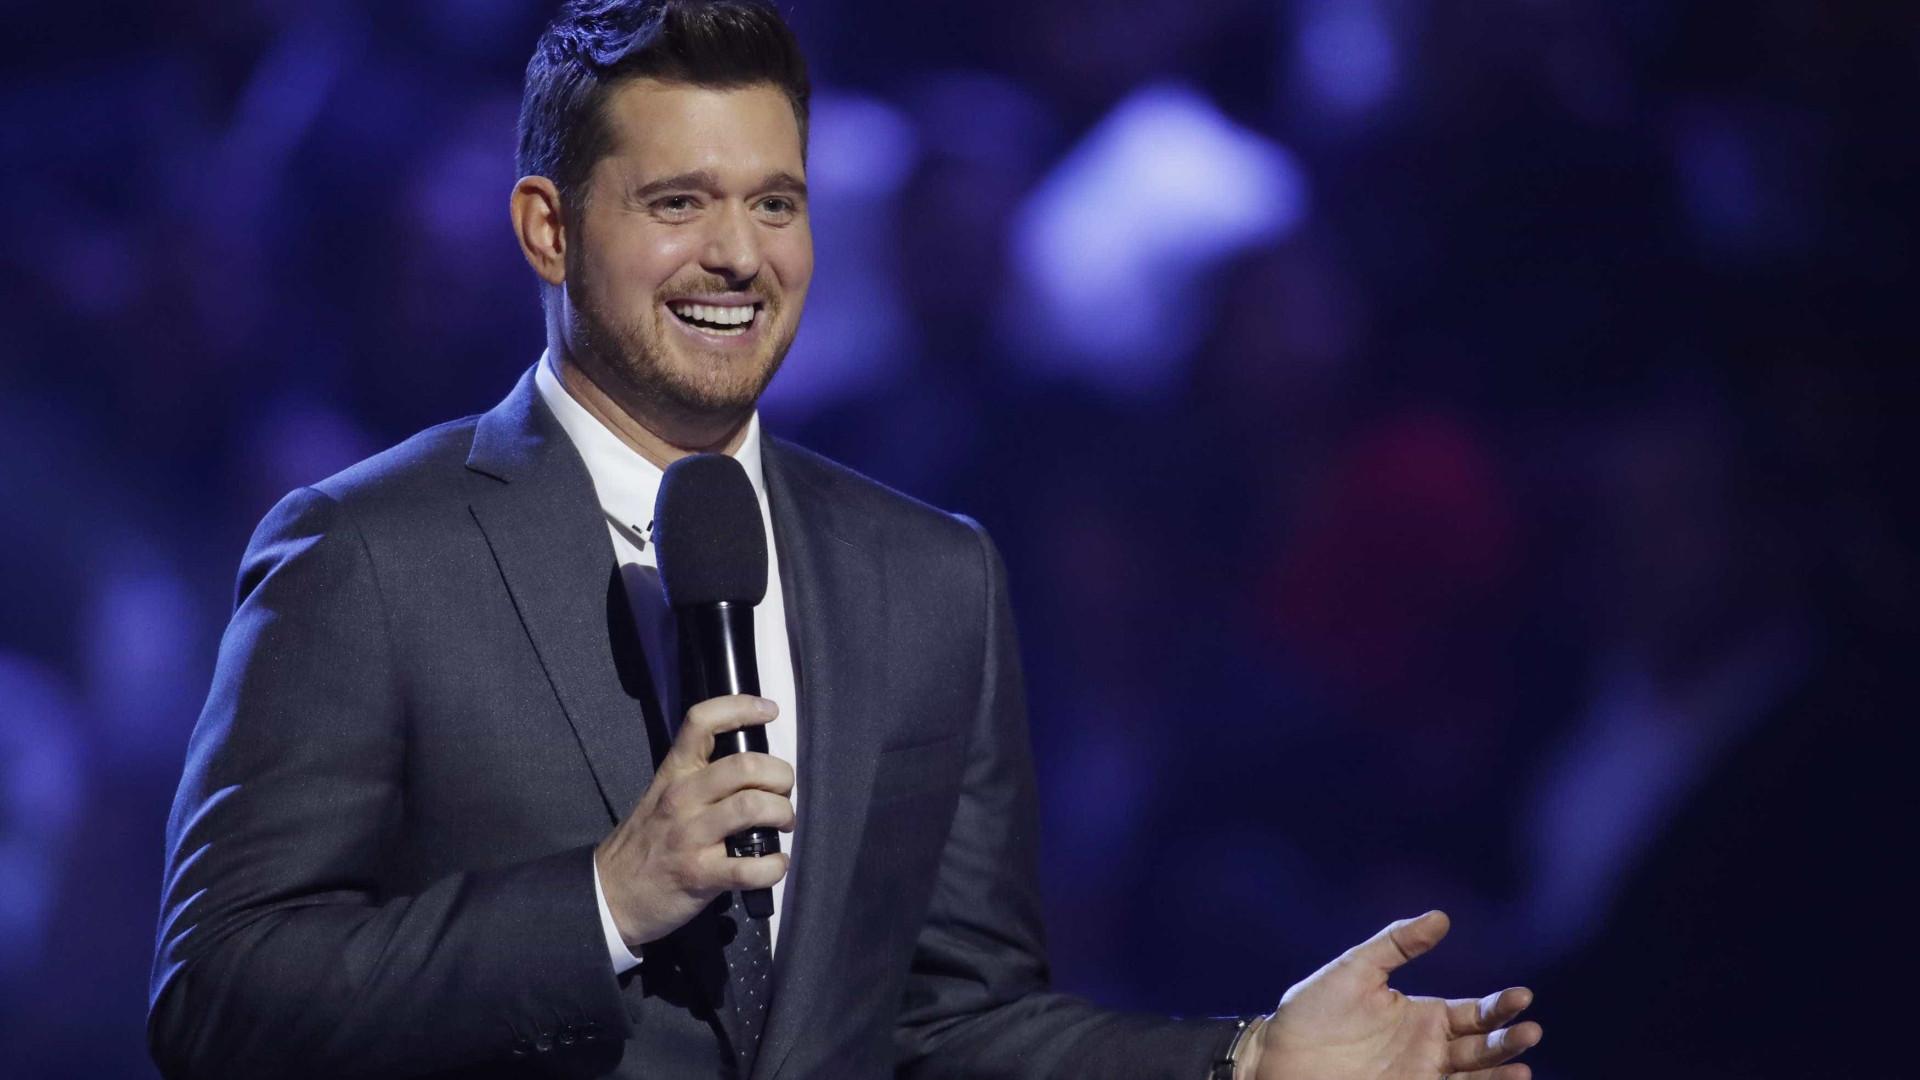 Michael Bublé confirma 3 shows no Brasil em 2020